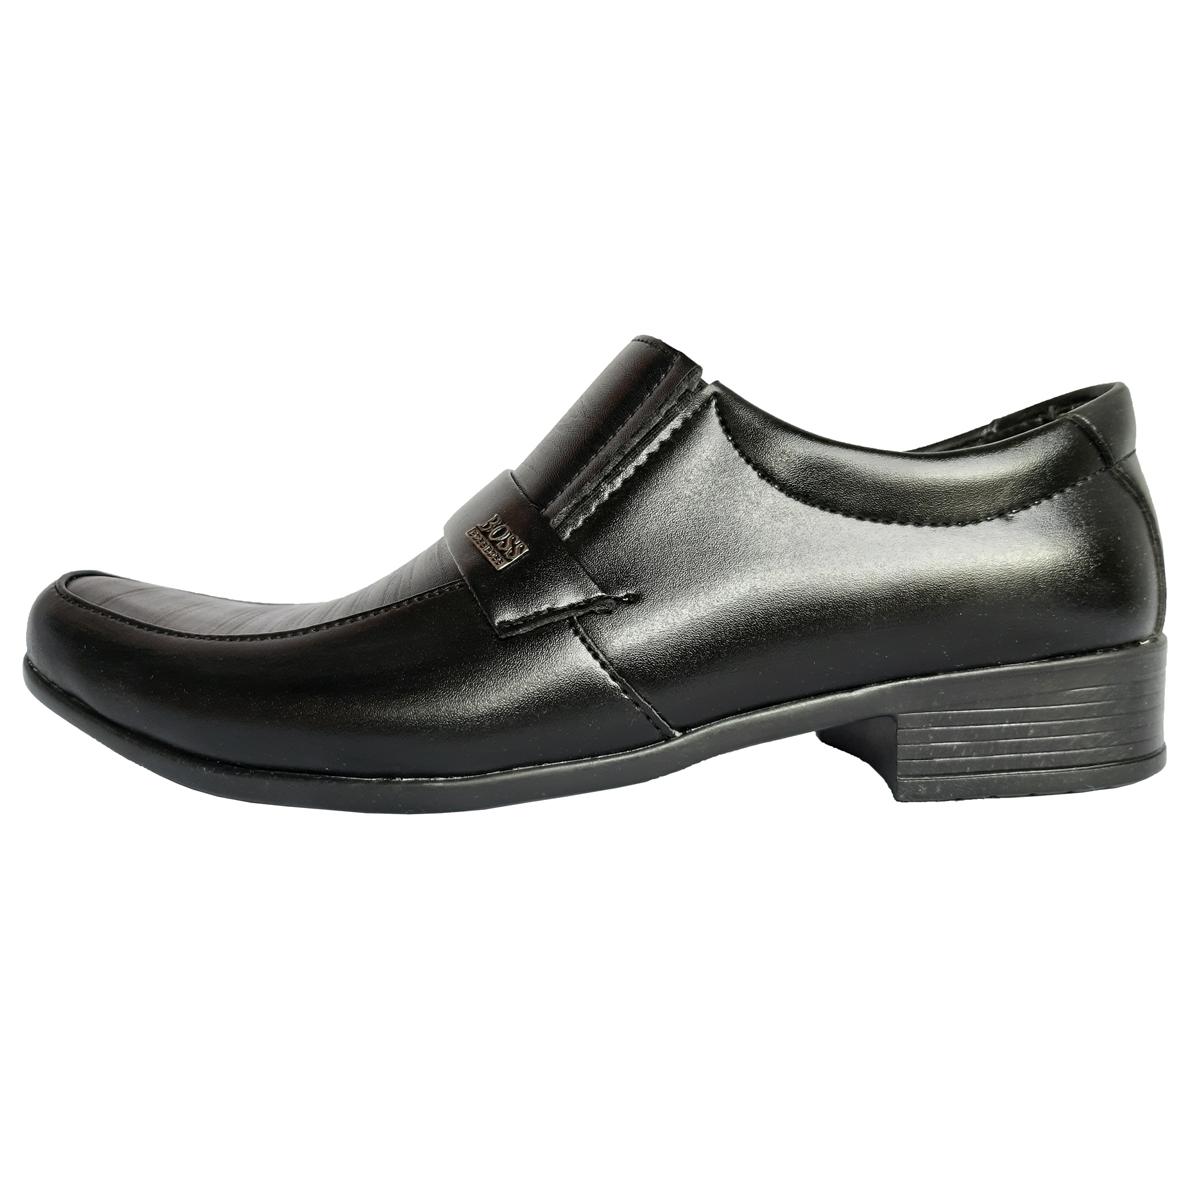 کفش مردانه مدل fafix-101 رنگ مشکی